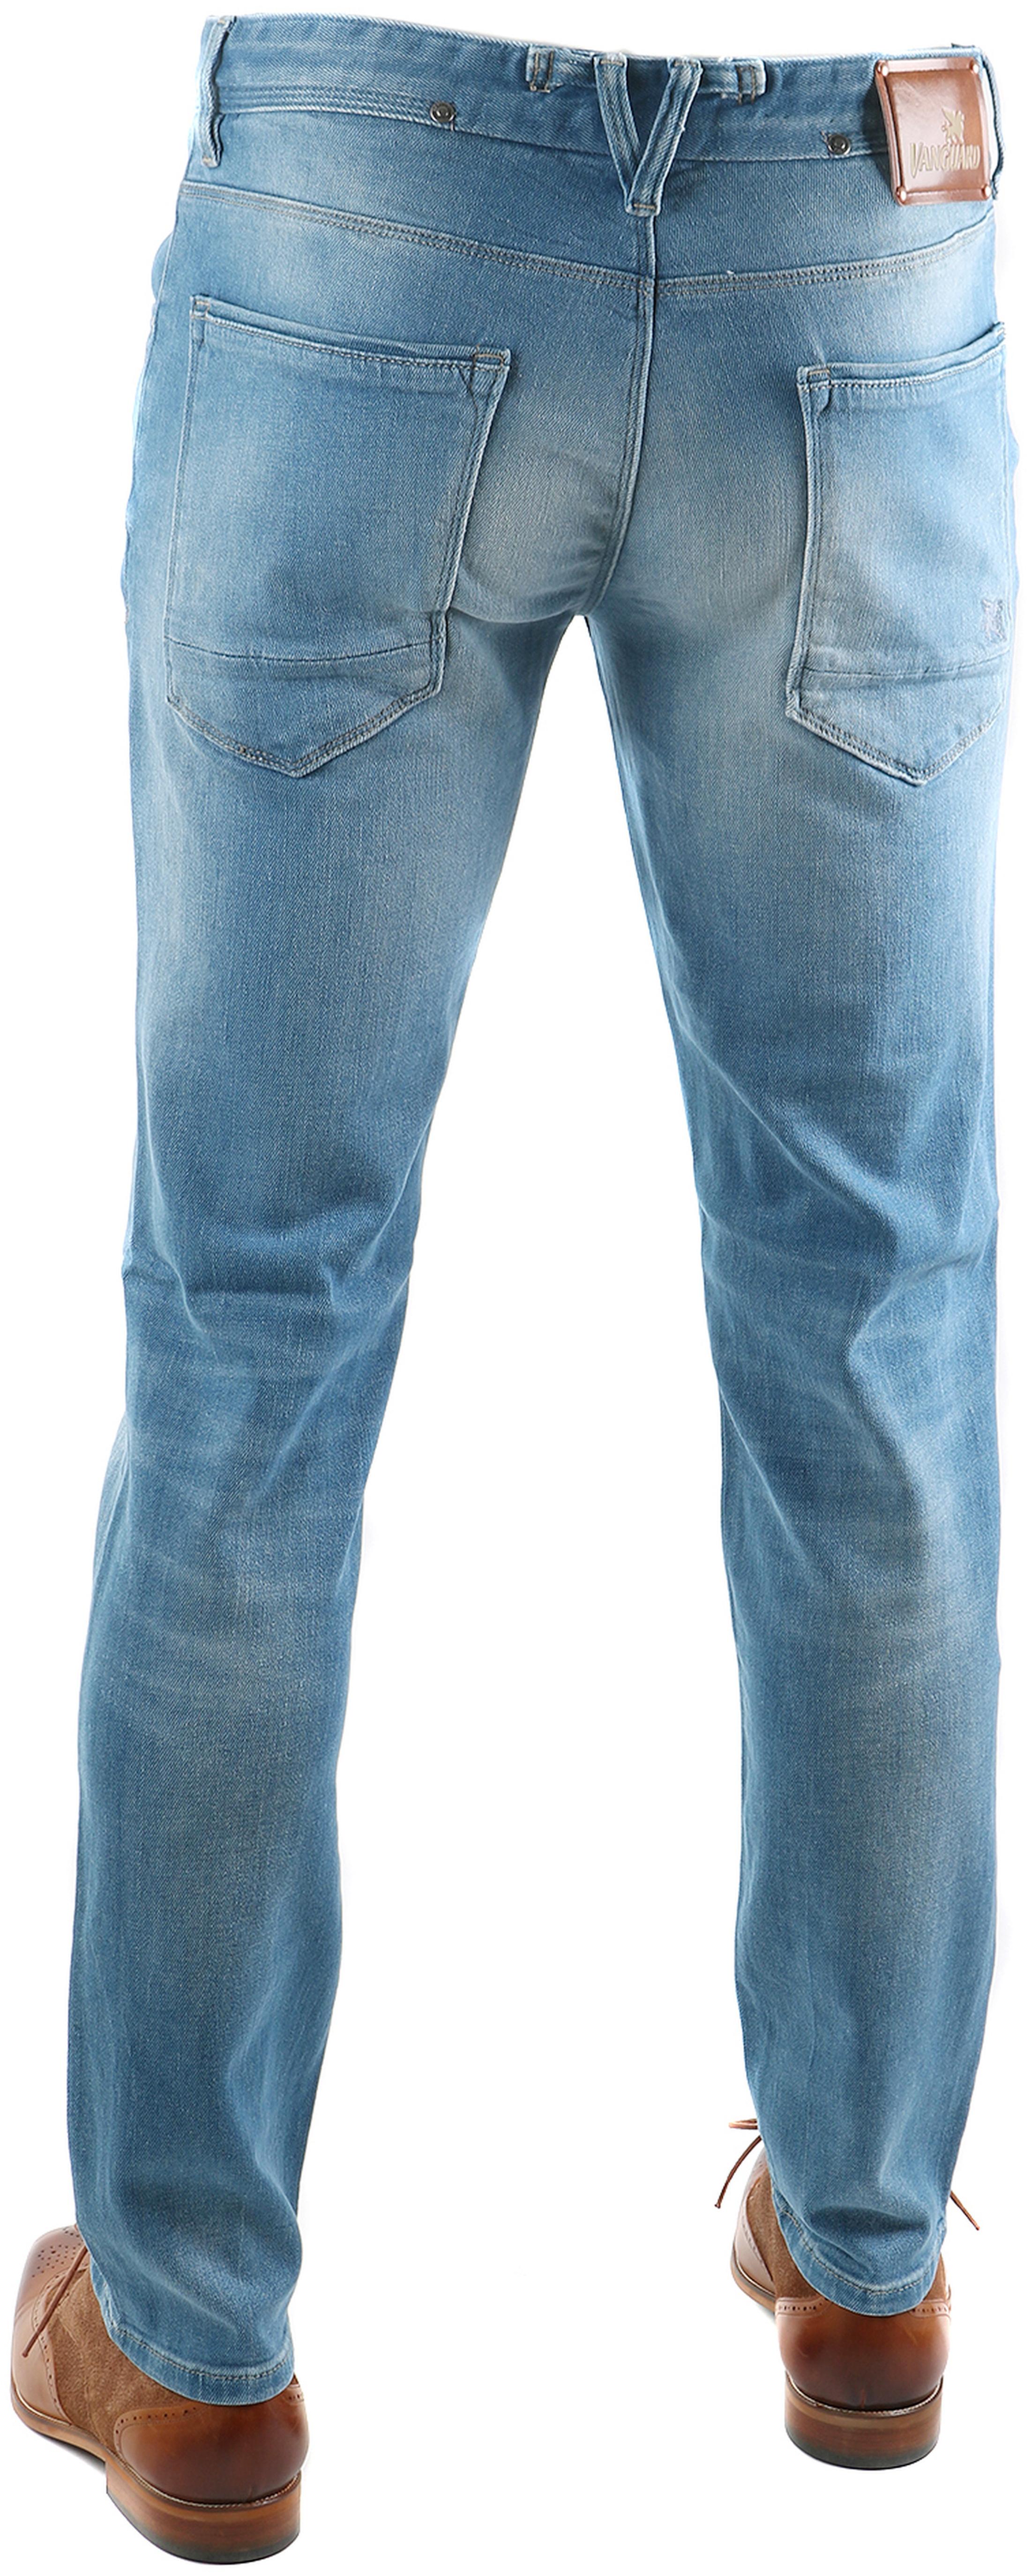 Vanguard V7 Rider Jeans Hellblau foto 1